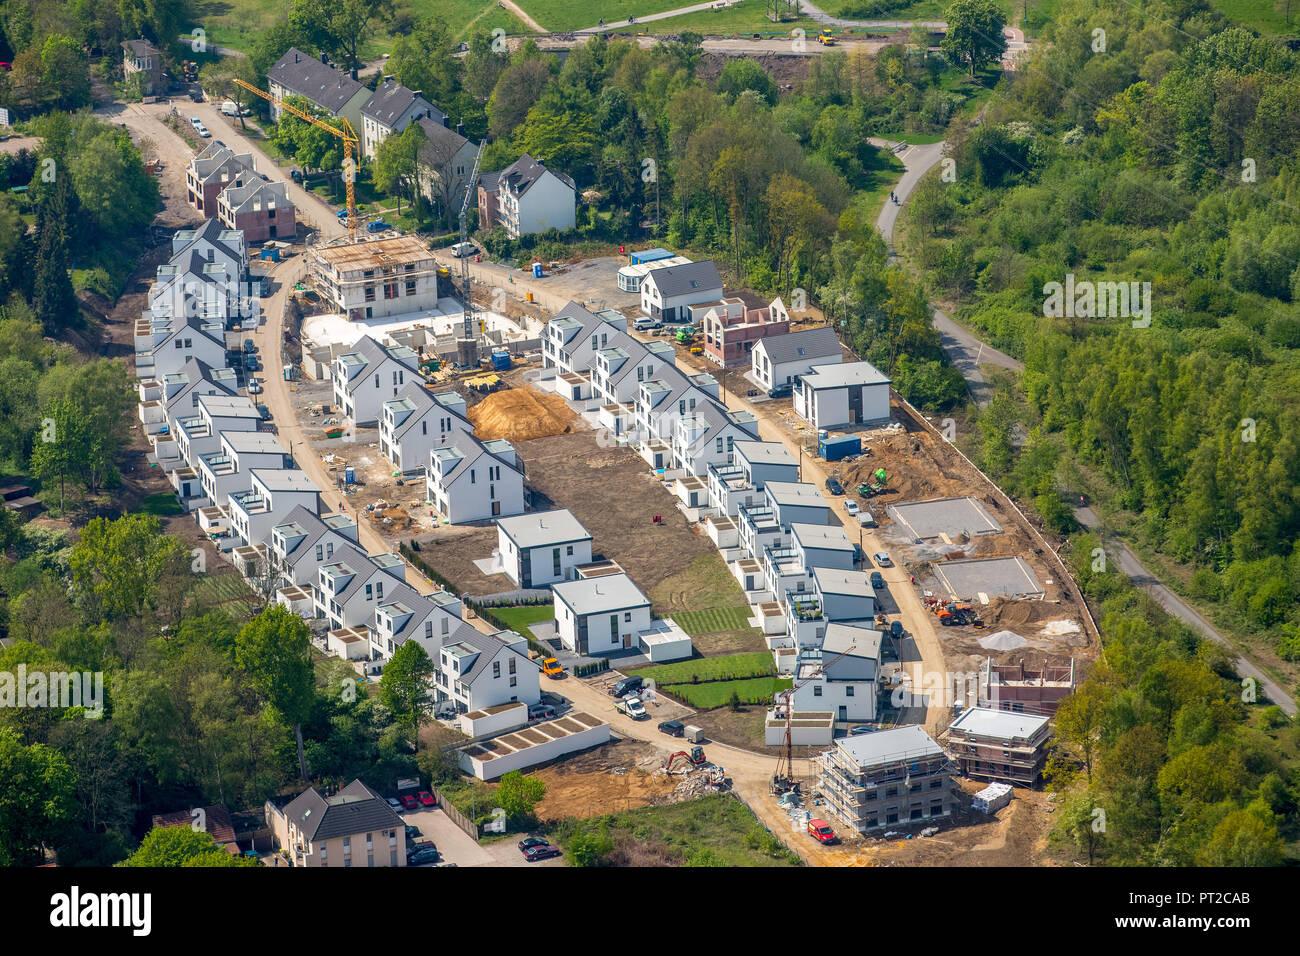 Zone de développement dans la forme d'une ellipse, An der Holtbrügge Springorum, piste cyclable, maisons individuelles, de la Ruhr, Bochum, Rhénanie du Nord-Westphalie, Allemagne, Europe, Photo Stock